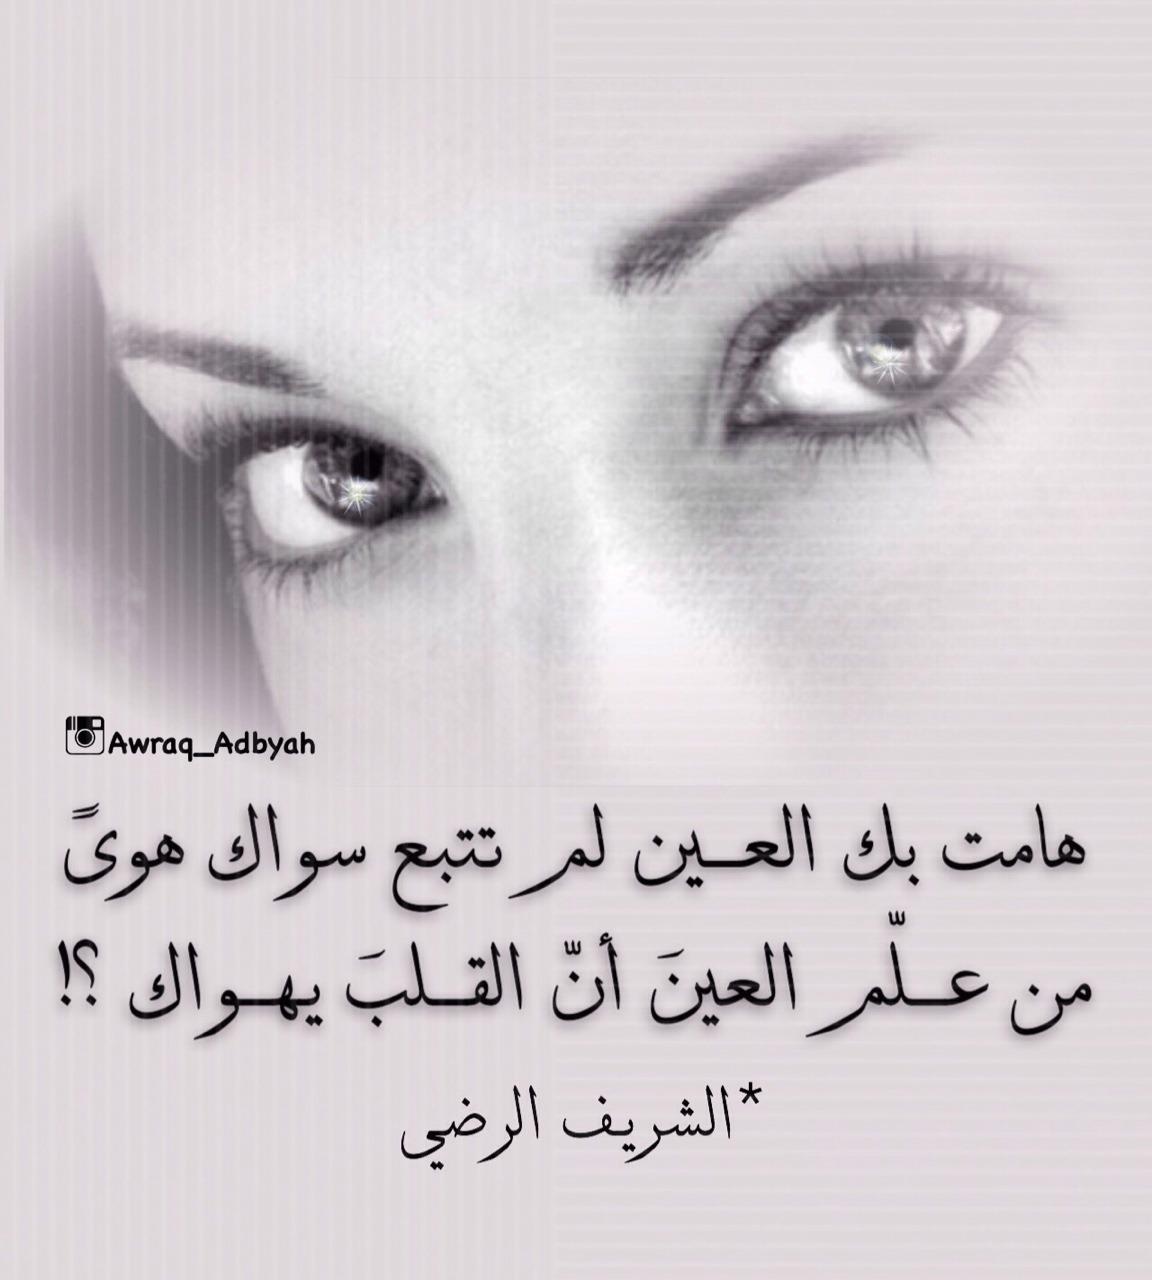 صورة شعر عن العيون , كلام جميل عن سحر العيون